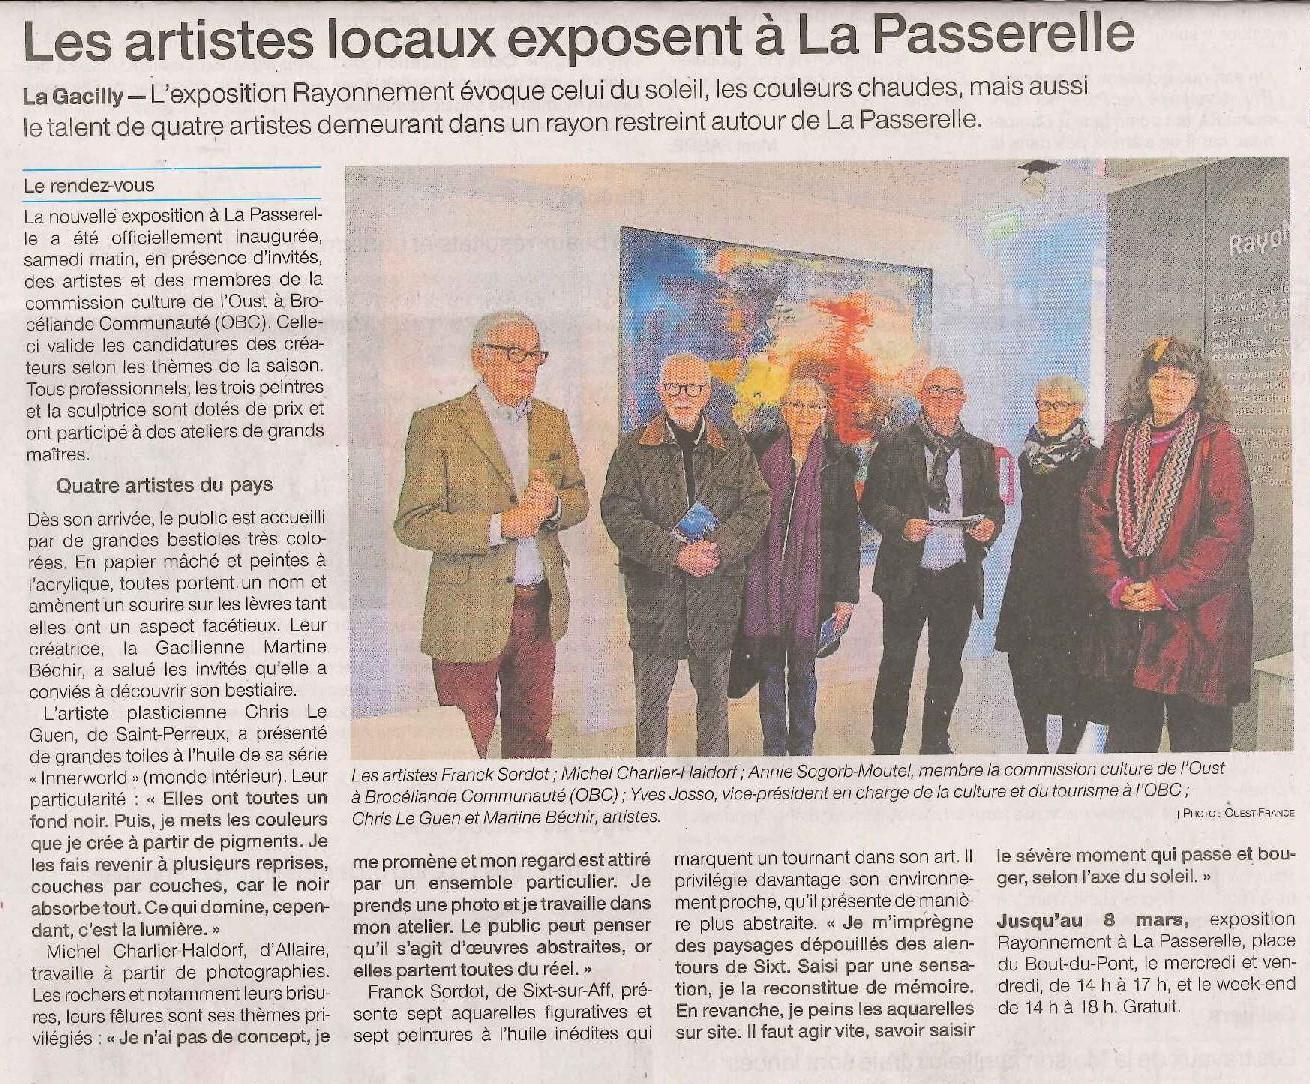 Exposition Rayonnement à La Passerelle avec Chris Le Guen